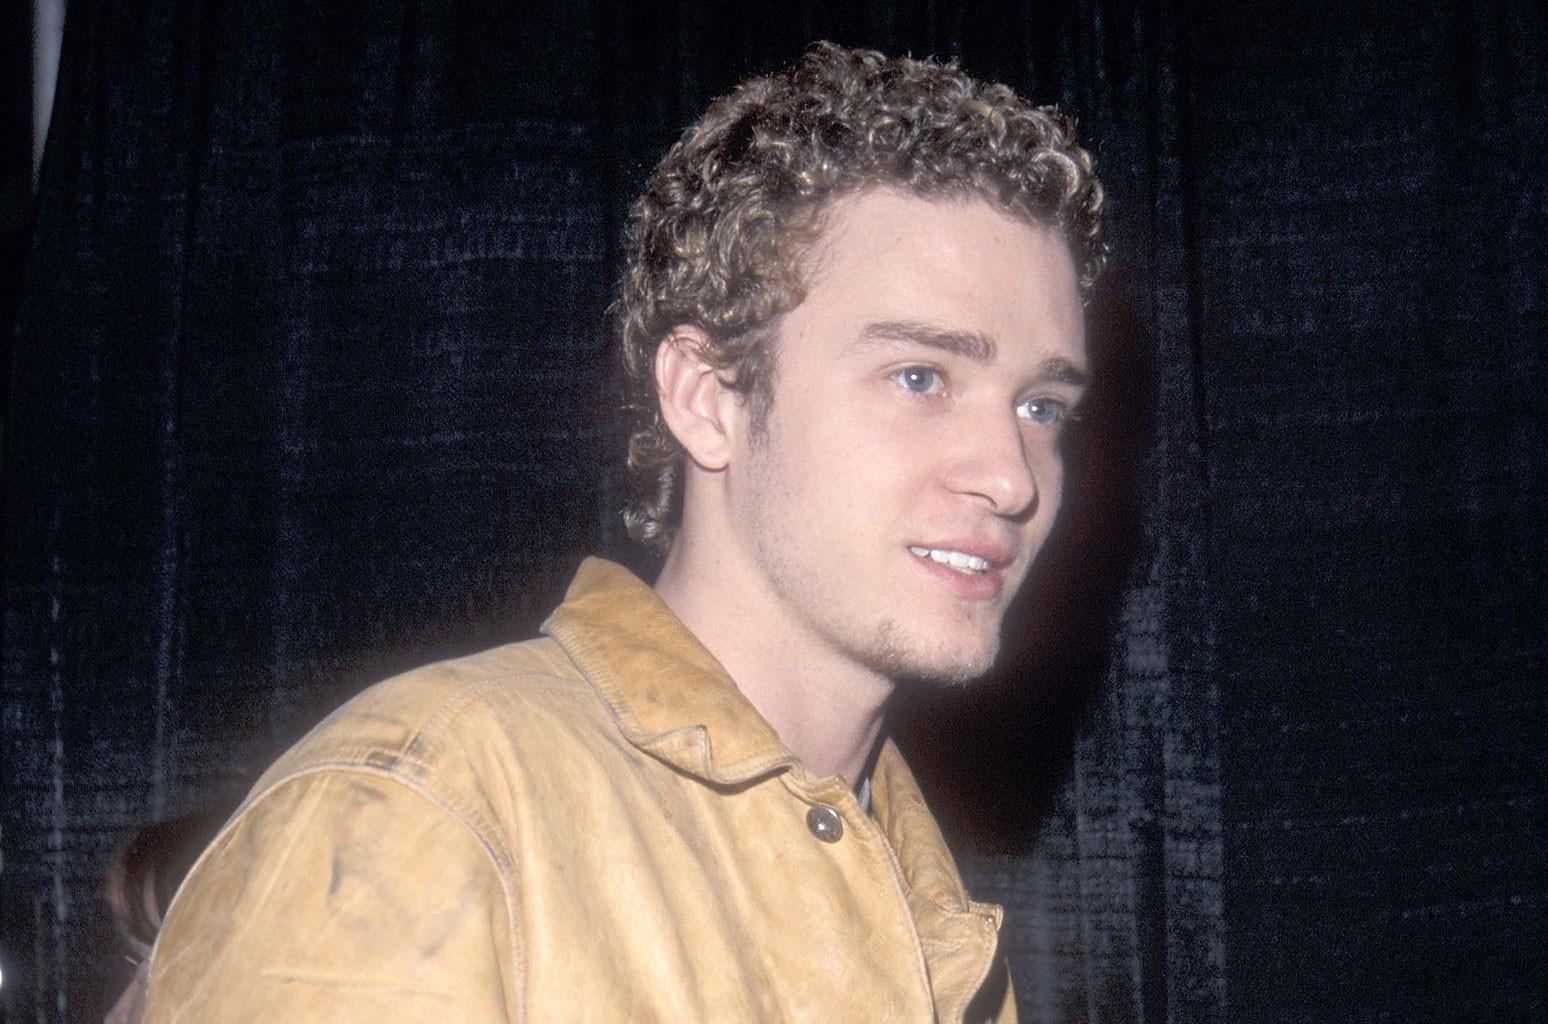 Justin-Timberlake-2000